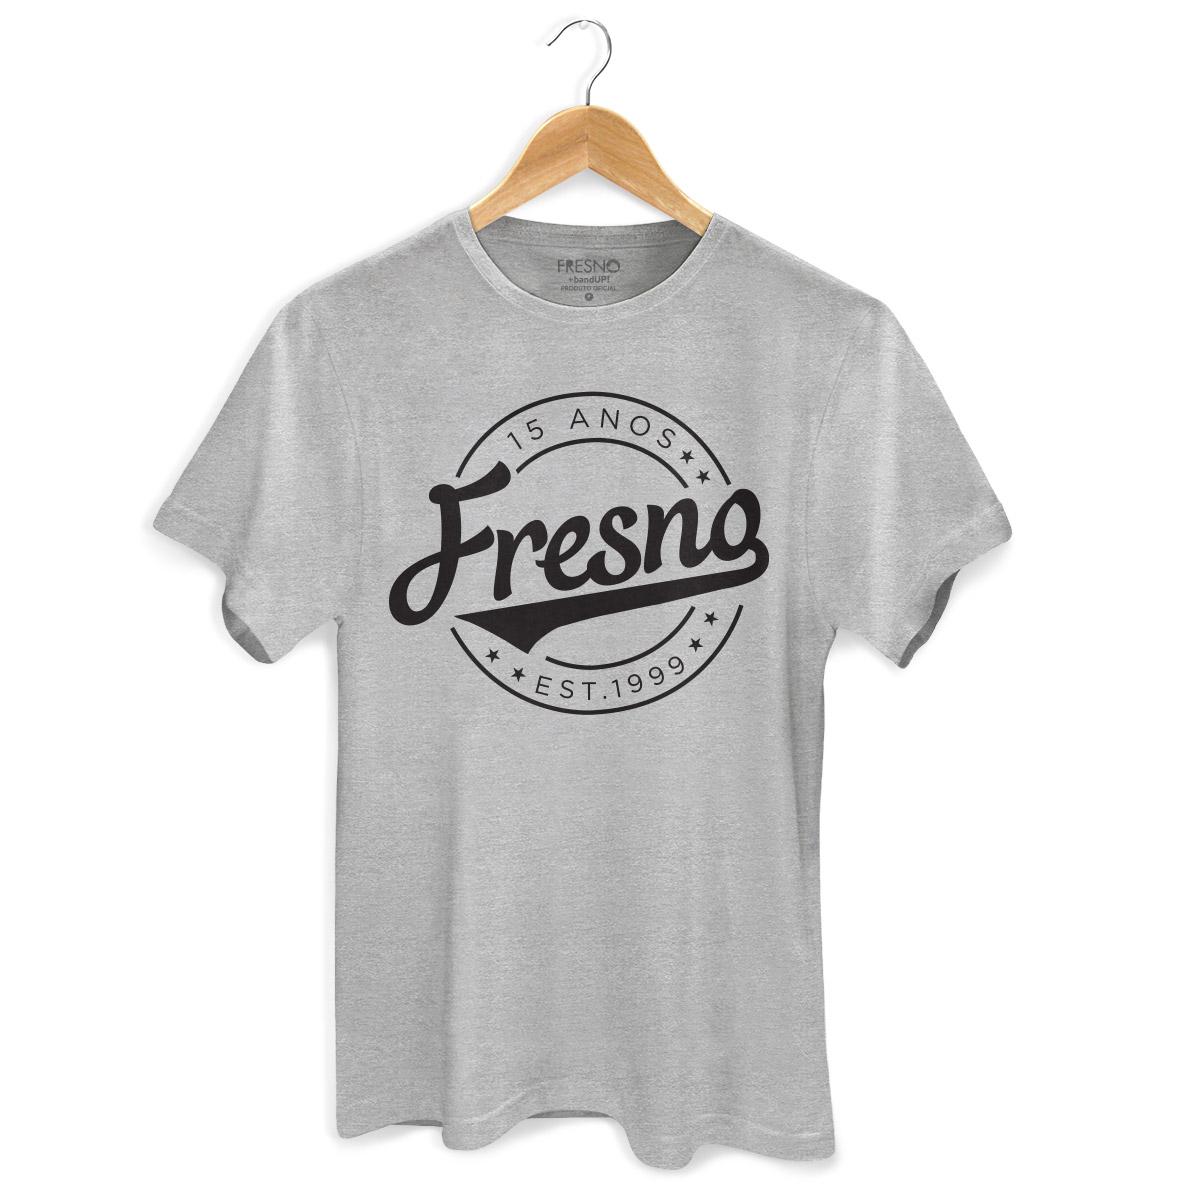 Camiseta Masculina Fresno 15 Anos Est 1999